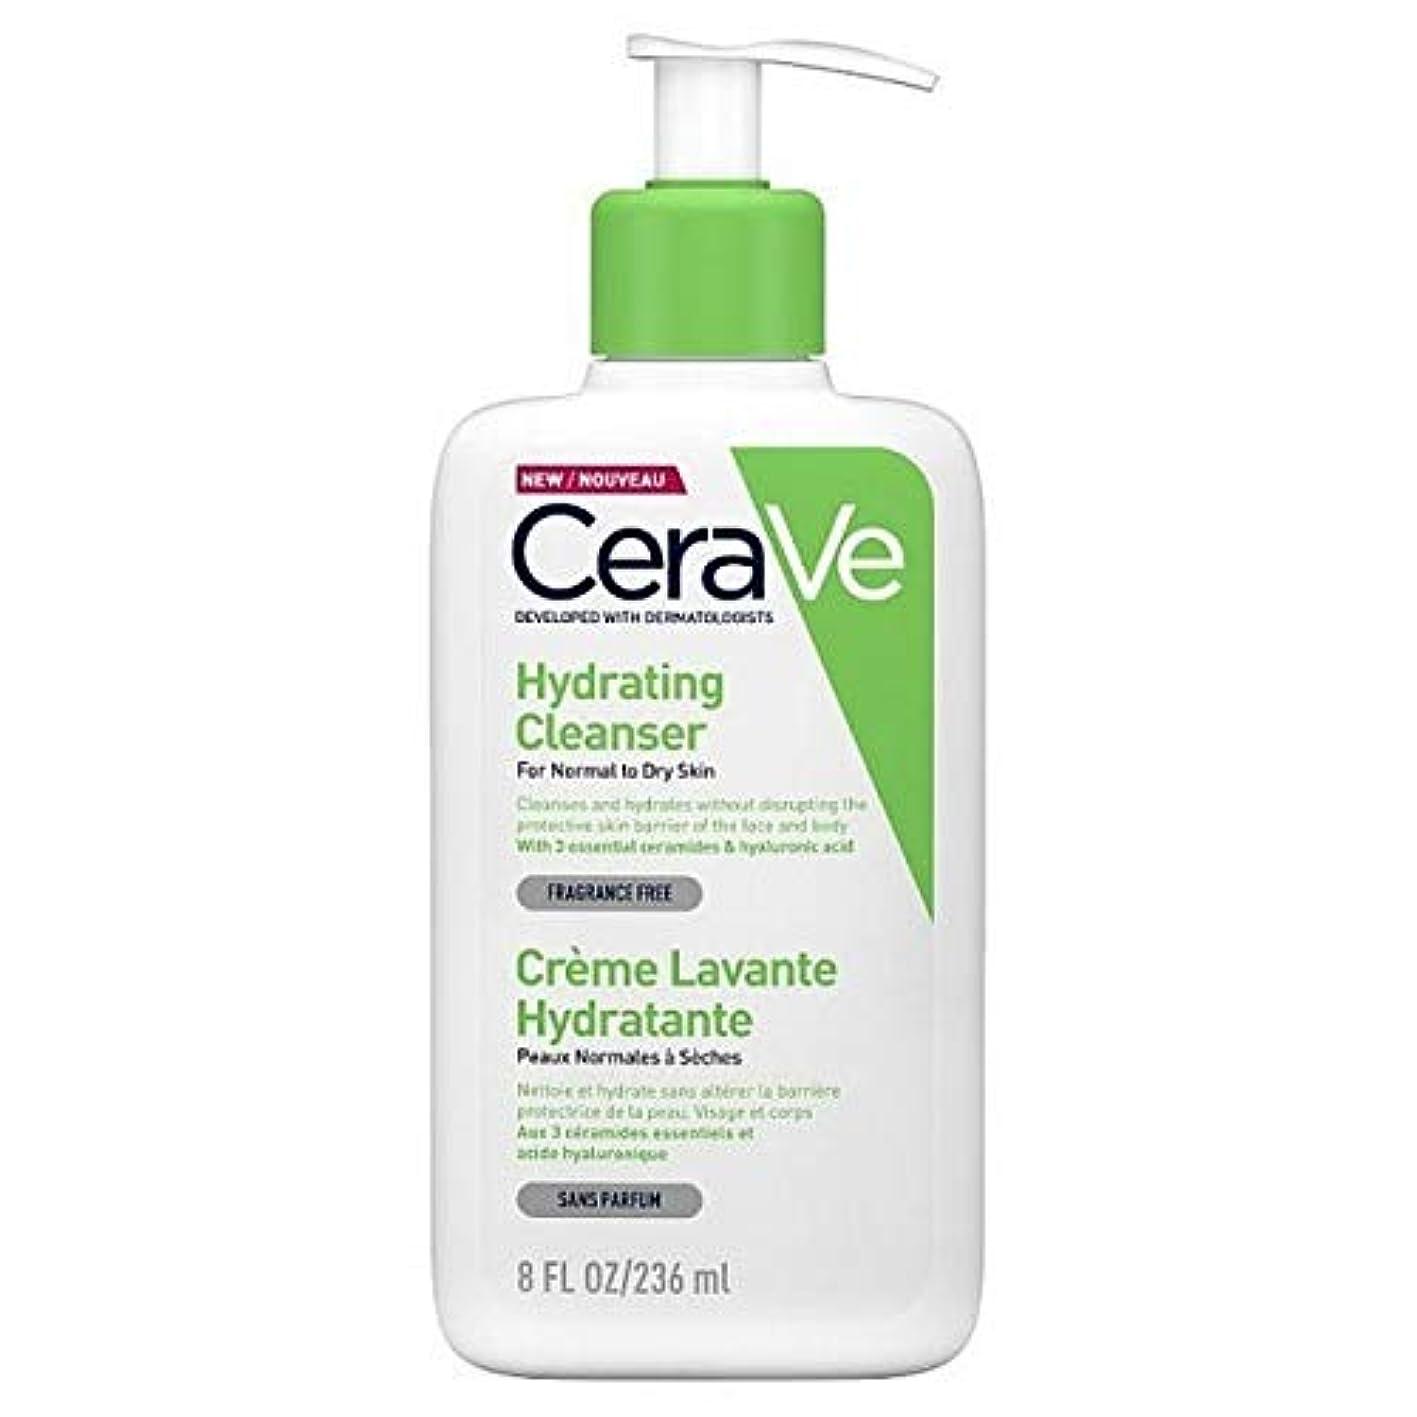 書道有名人一時解雇する[CeraVe] Cerave水和クレンザー236ミリリットル - CeraVe Hydrating Cleanser 236ml [並行輸入品]